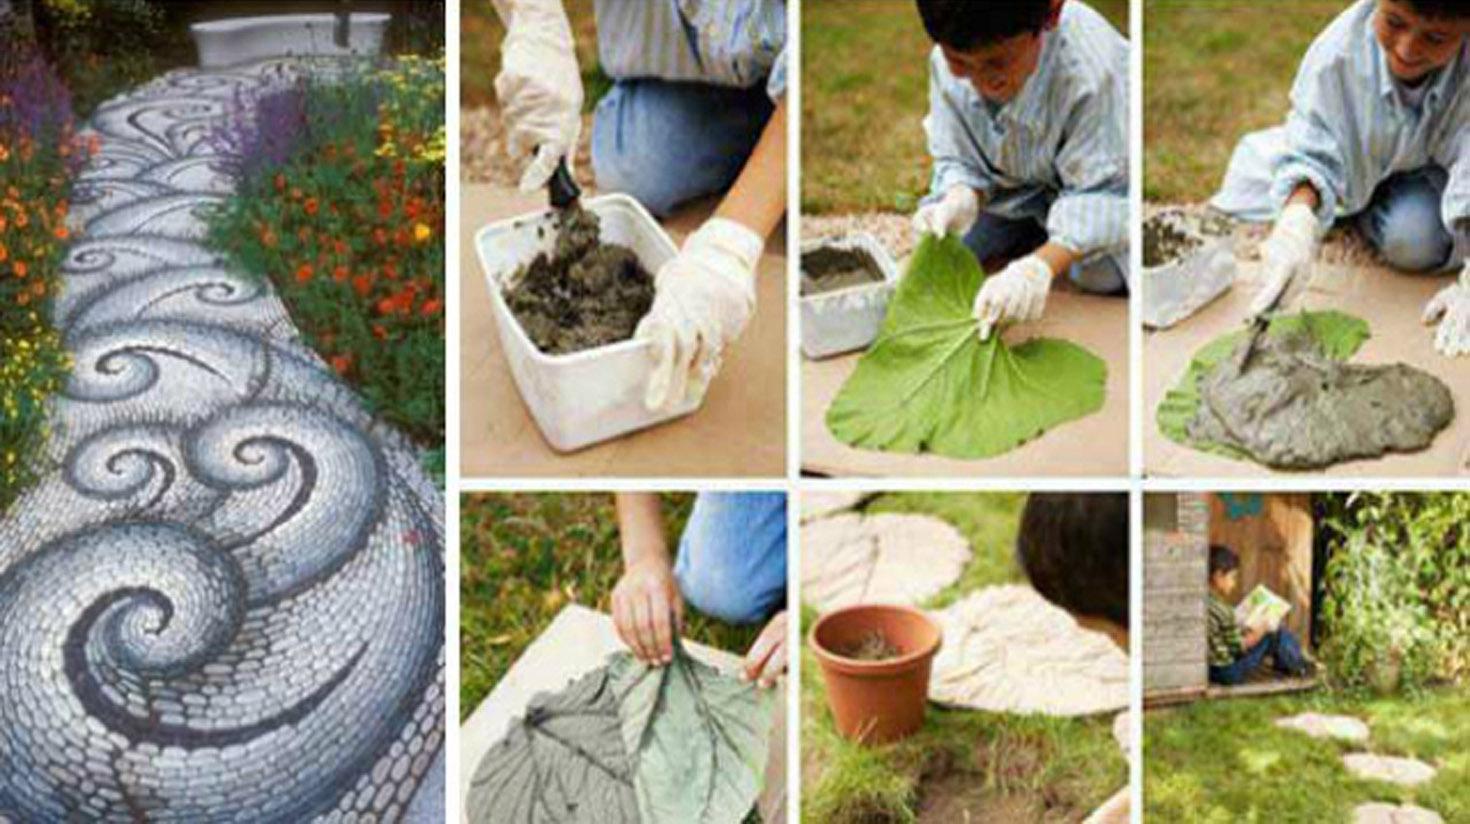 12 Idées Pour Aménager Vos Allées De Jardin ! | Diy Seloger tout Allée De Jardin Pas Cher